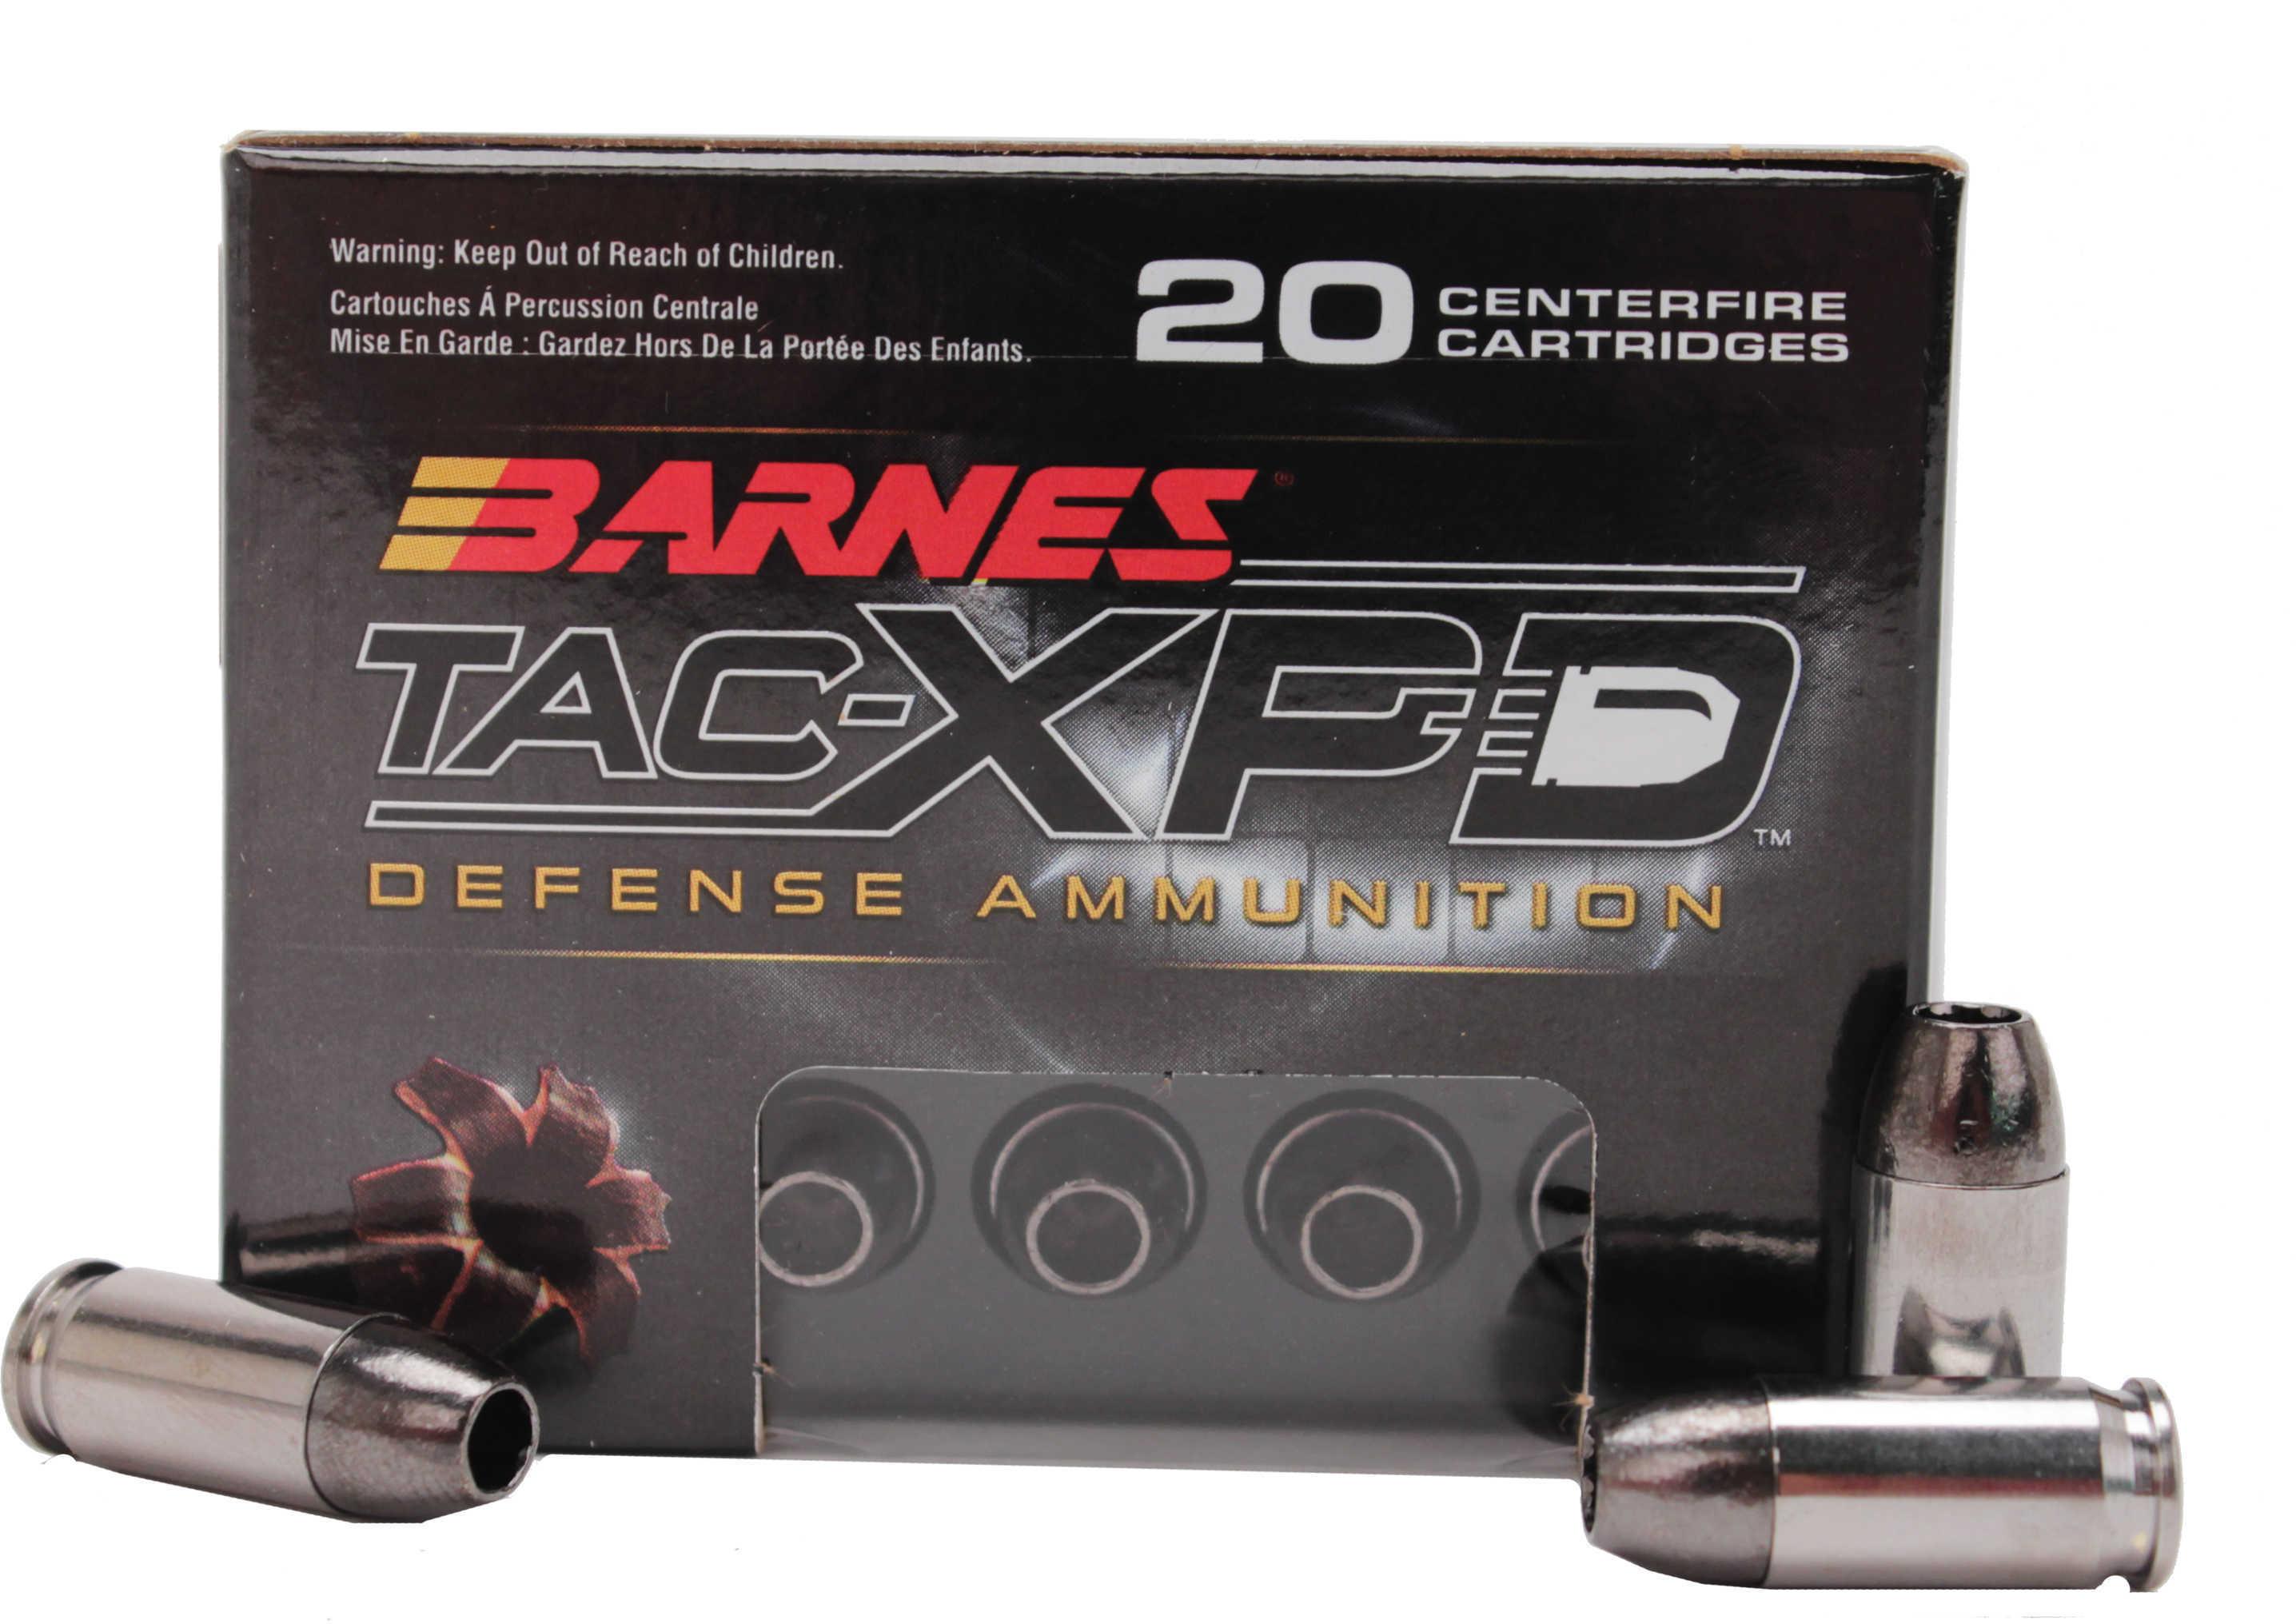 Barnes 380 ACP 80 Grain TAC-XP 20 Rounds Ammonition